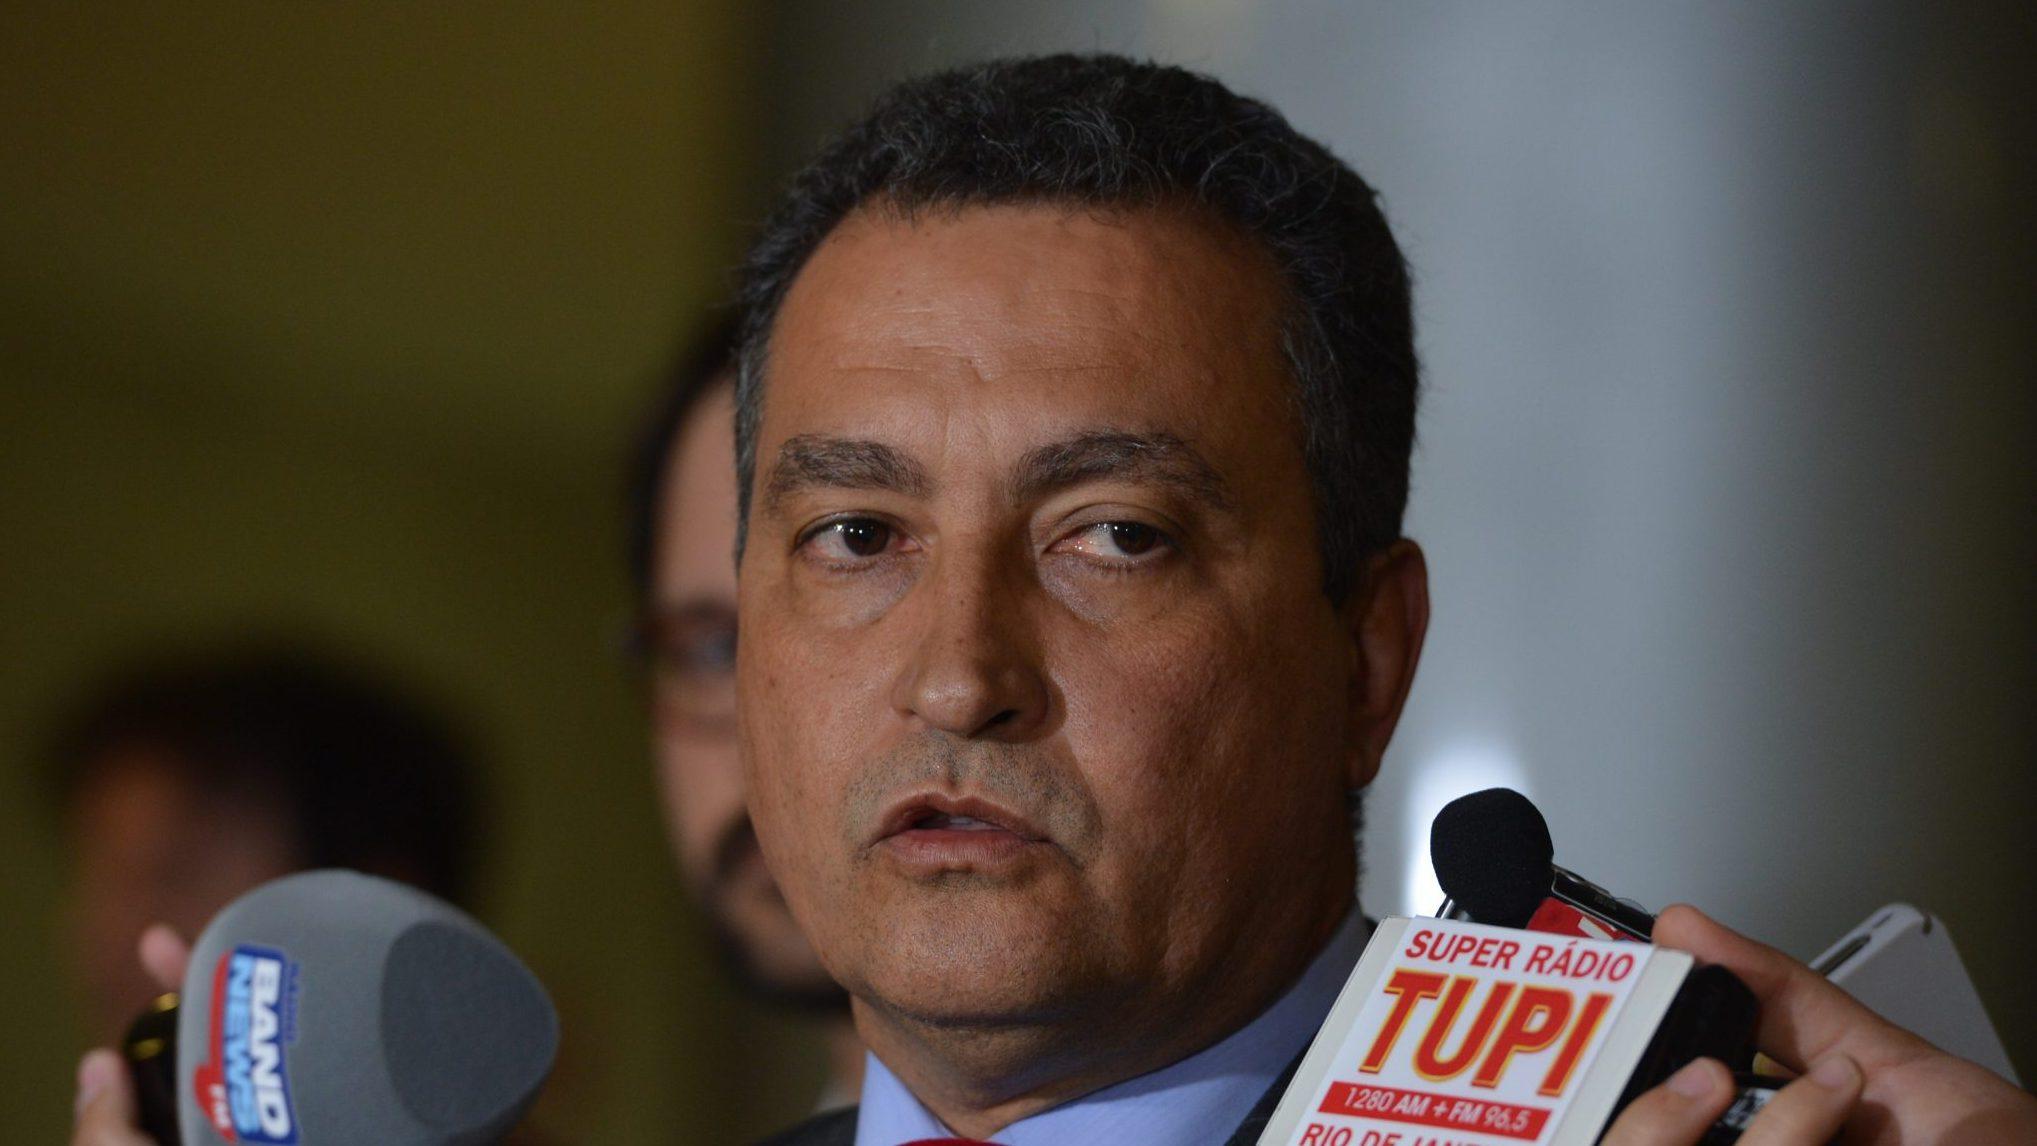 Vídeo: O que o petista Rui Costa achou da proposta de reforma